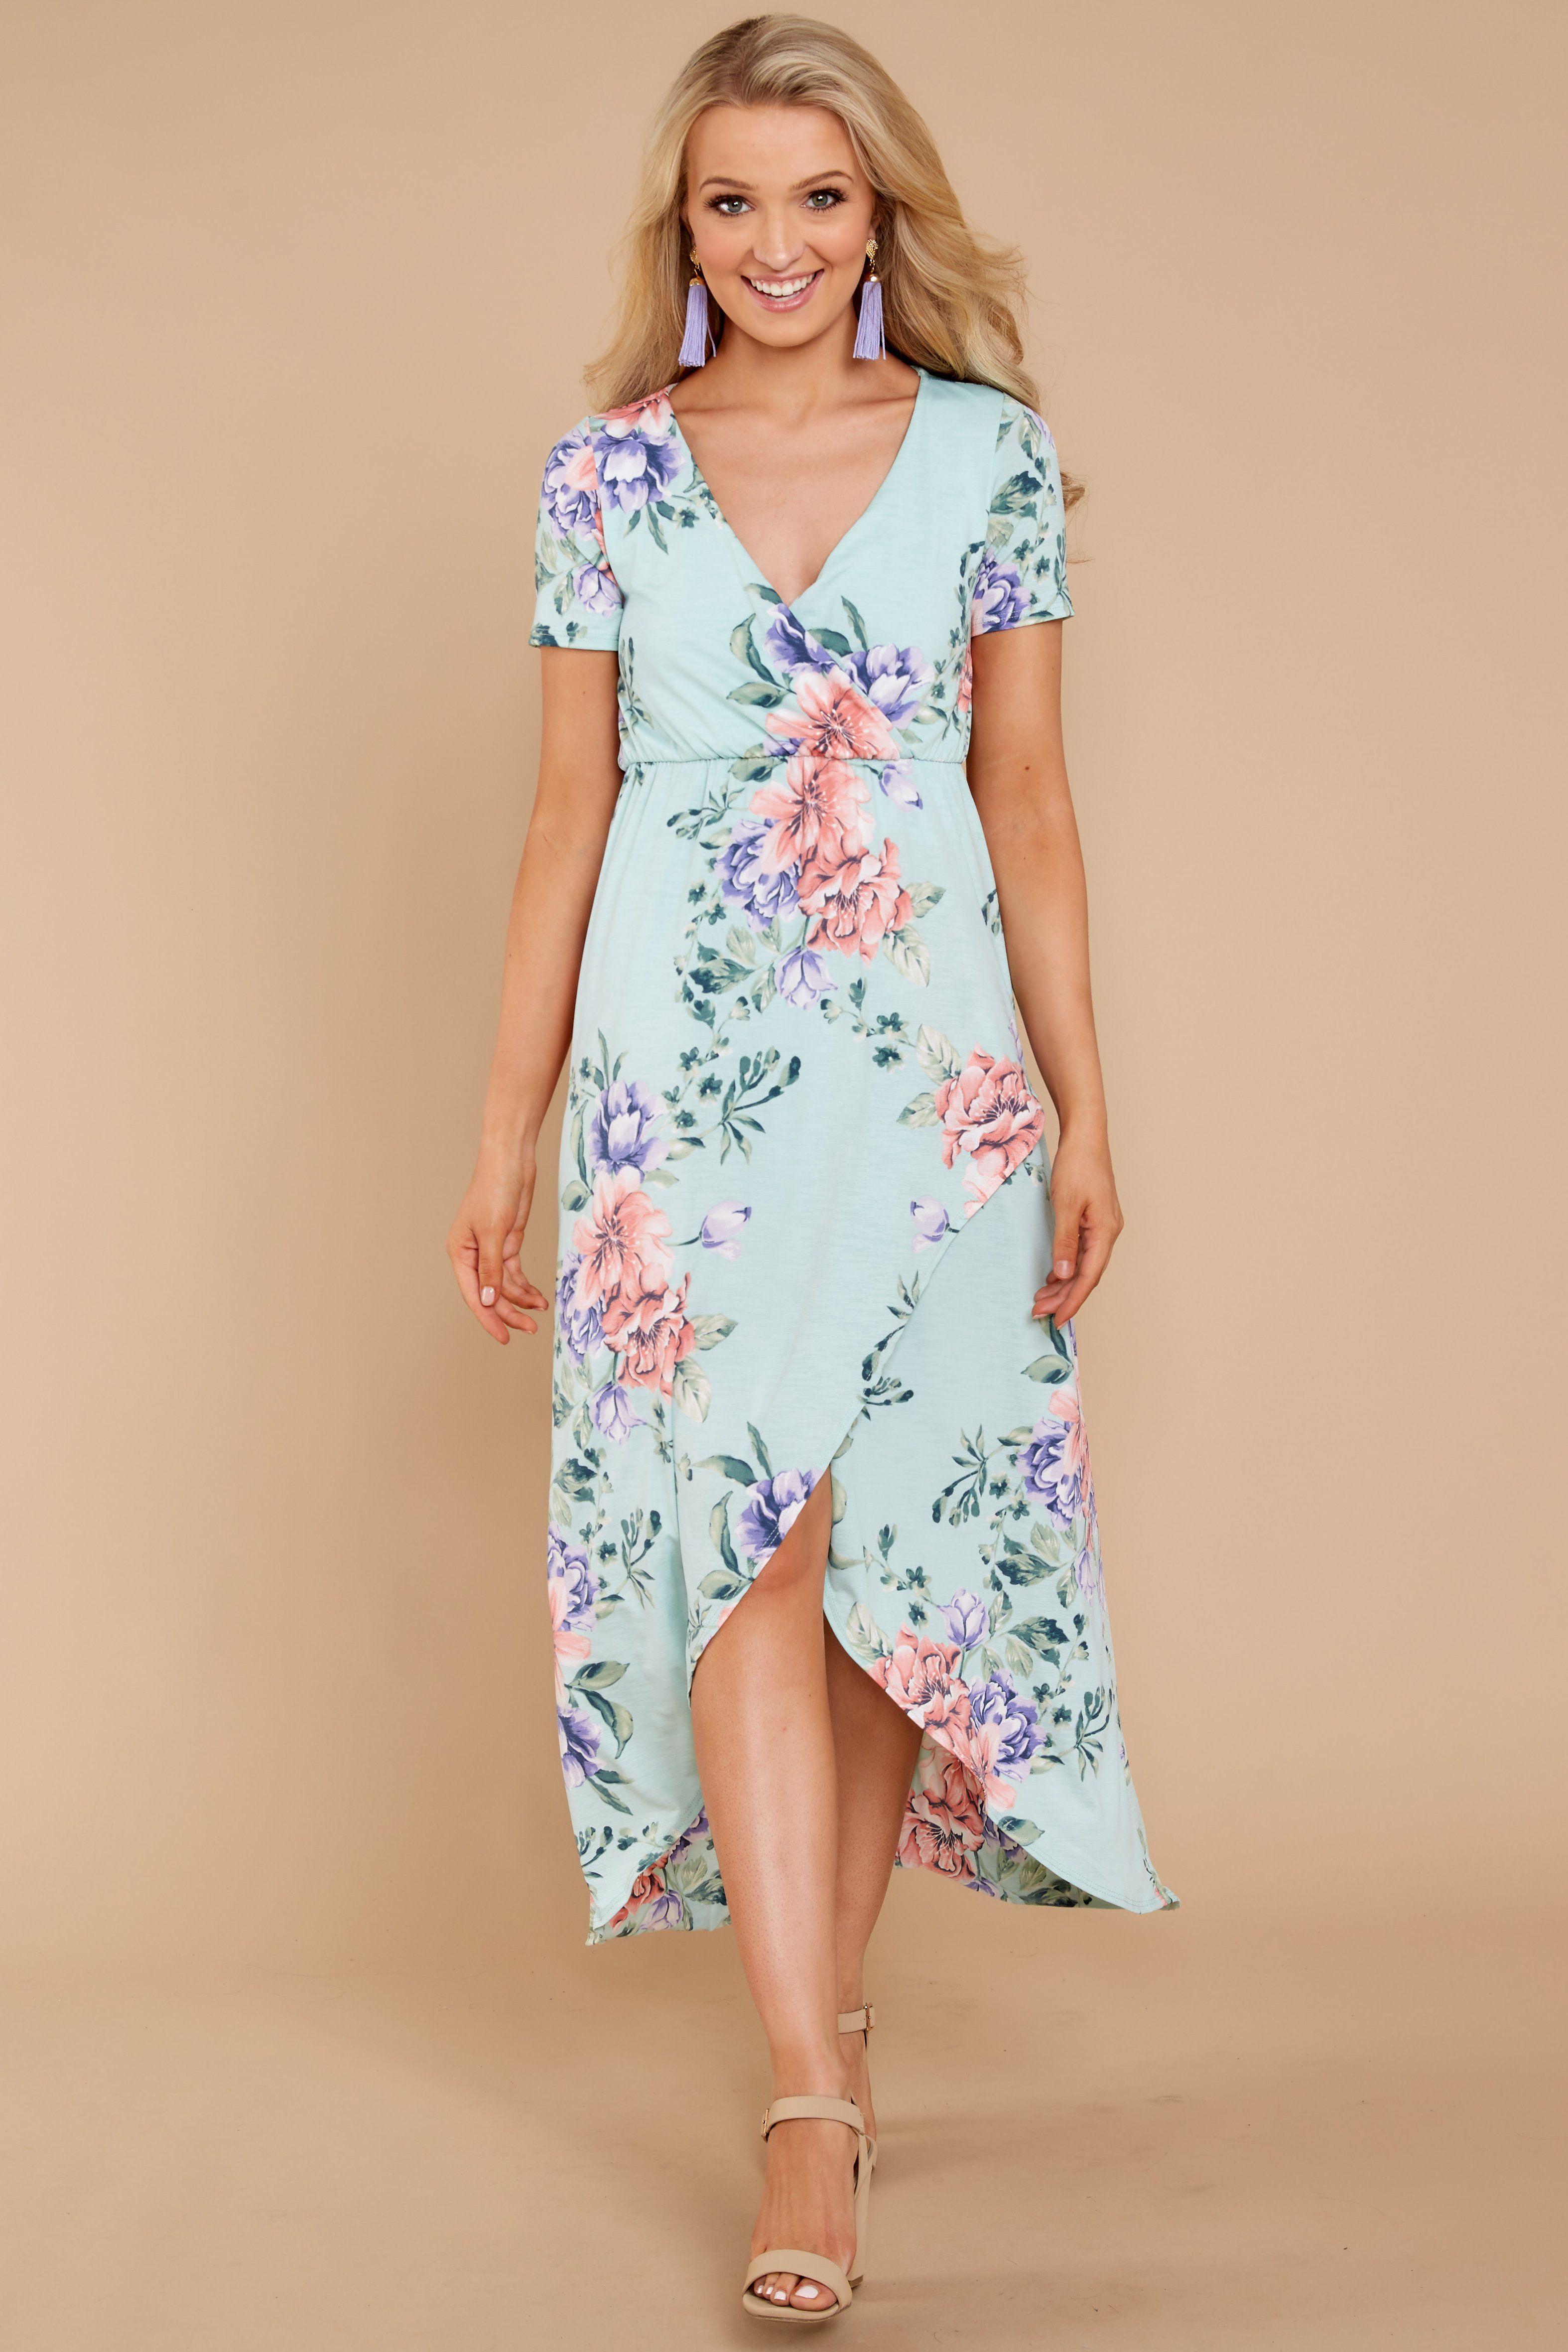 e3010277c5 Adorable Mint Floral Print Dress - Chic Floral Print Dress - Dress -  42.00  – Red Dress Boutique